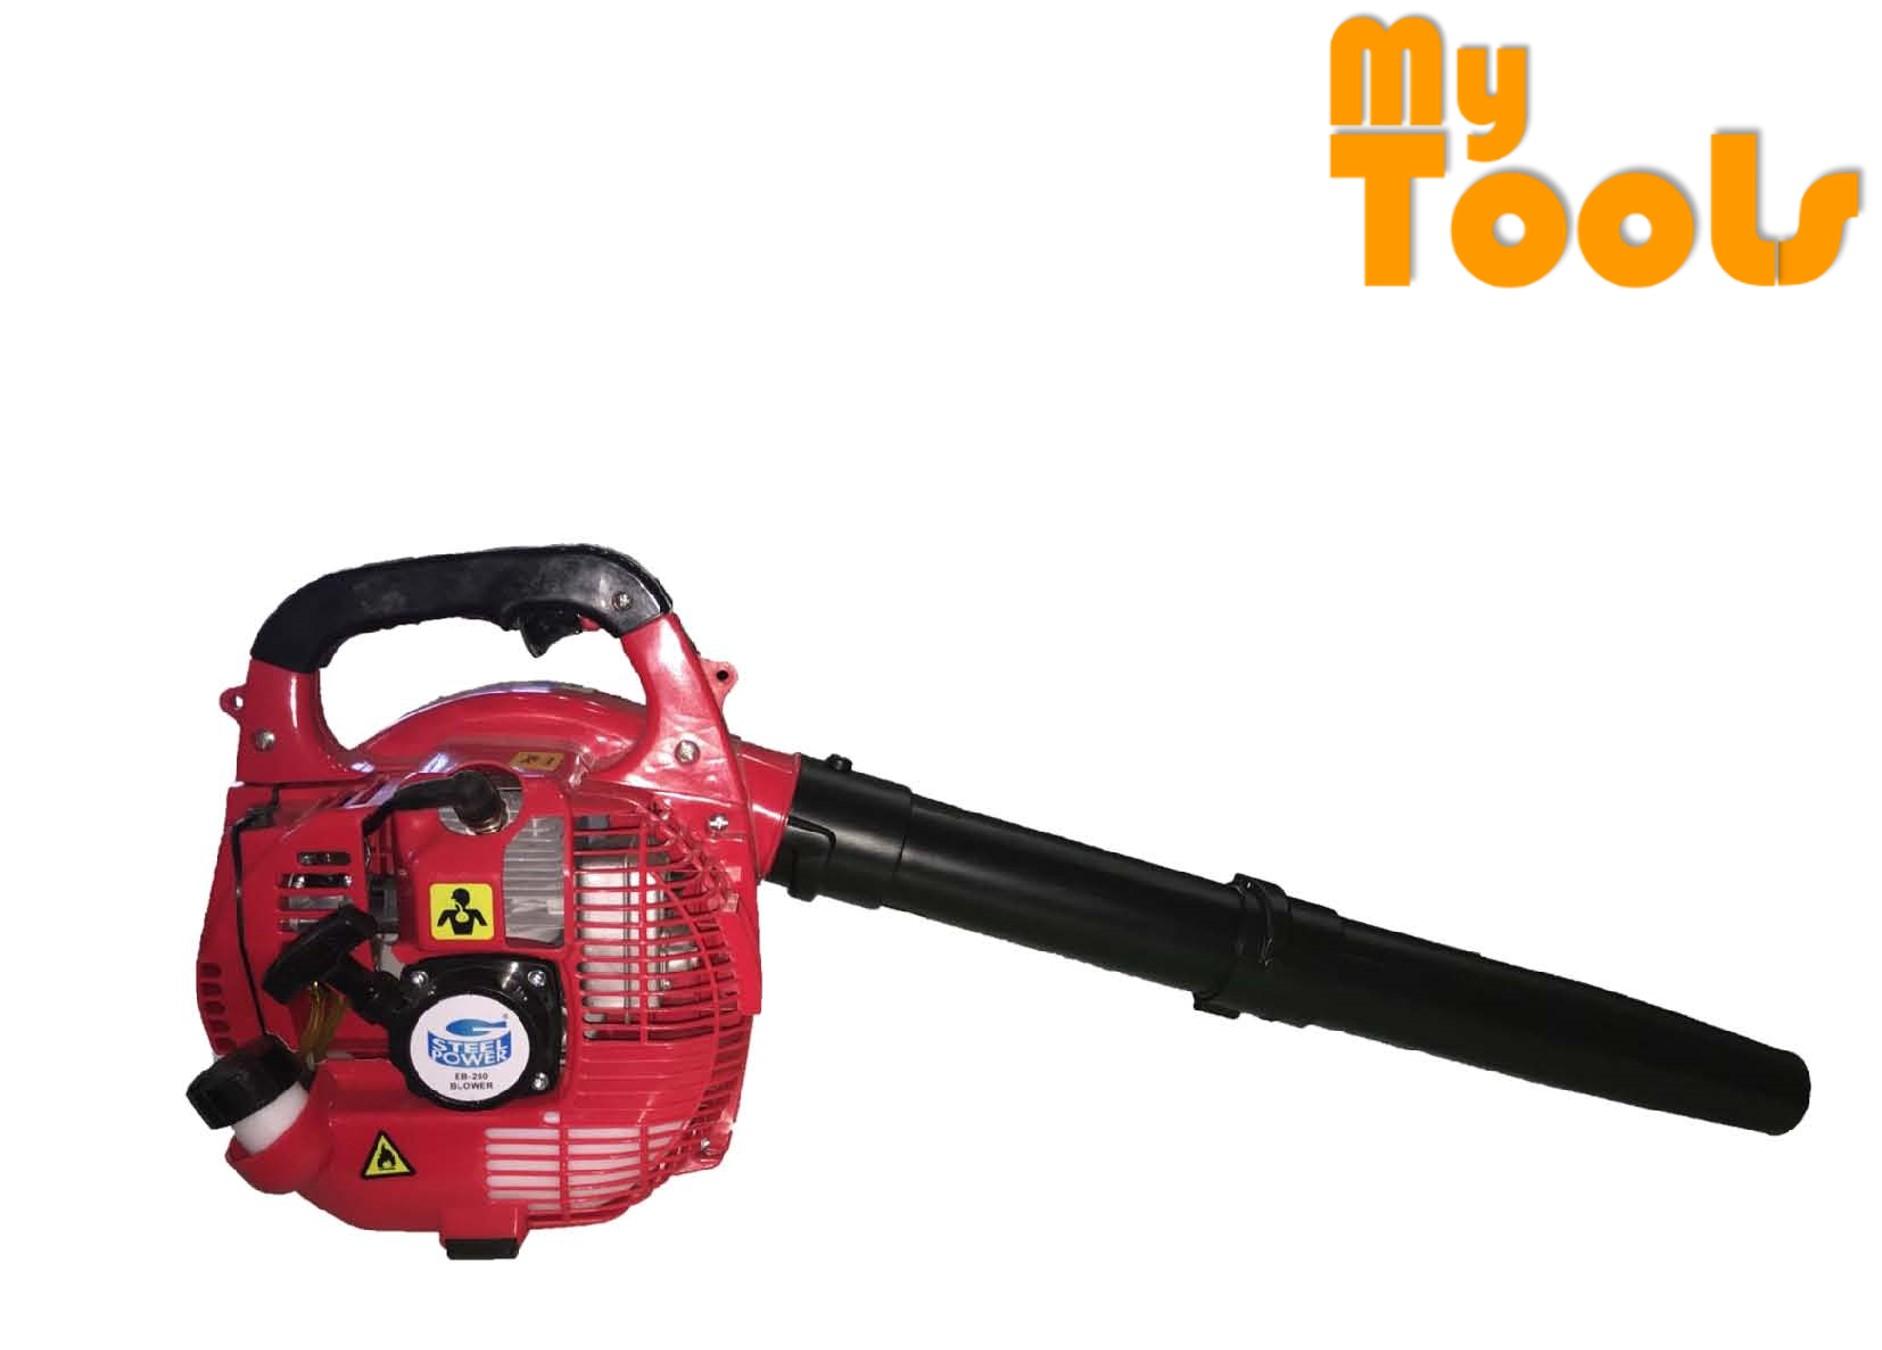 Steel Power EB260 Portable Hand Engine Leaf Blower 27.2cc